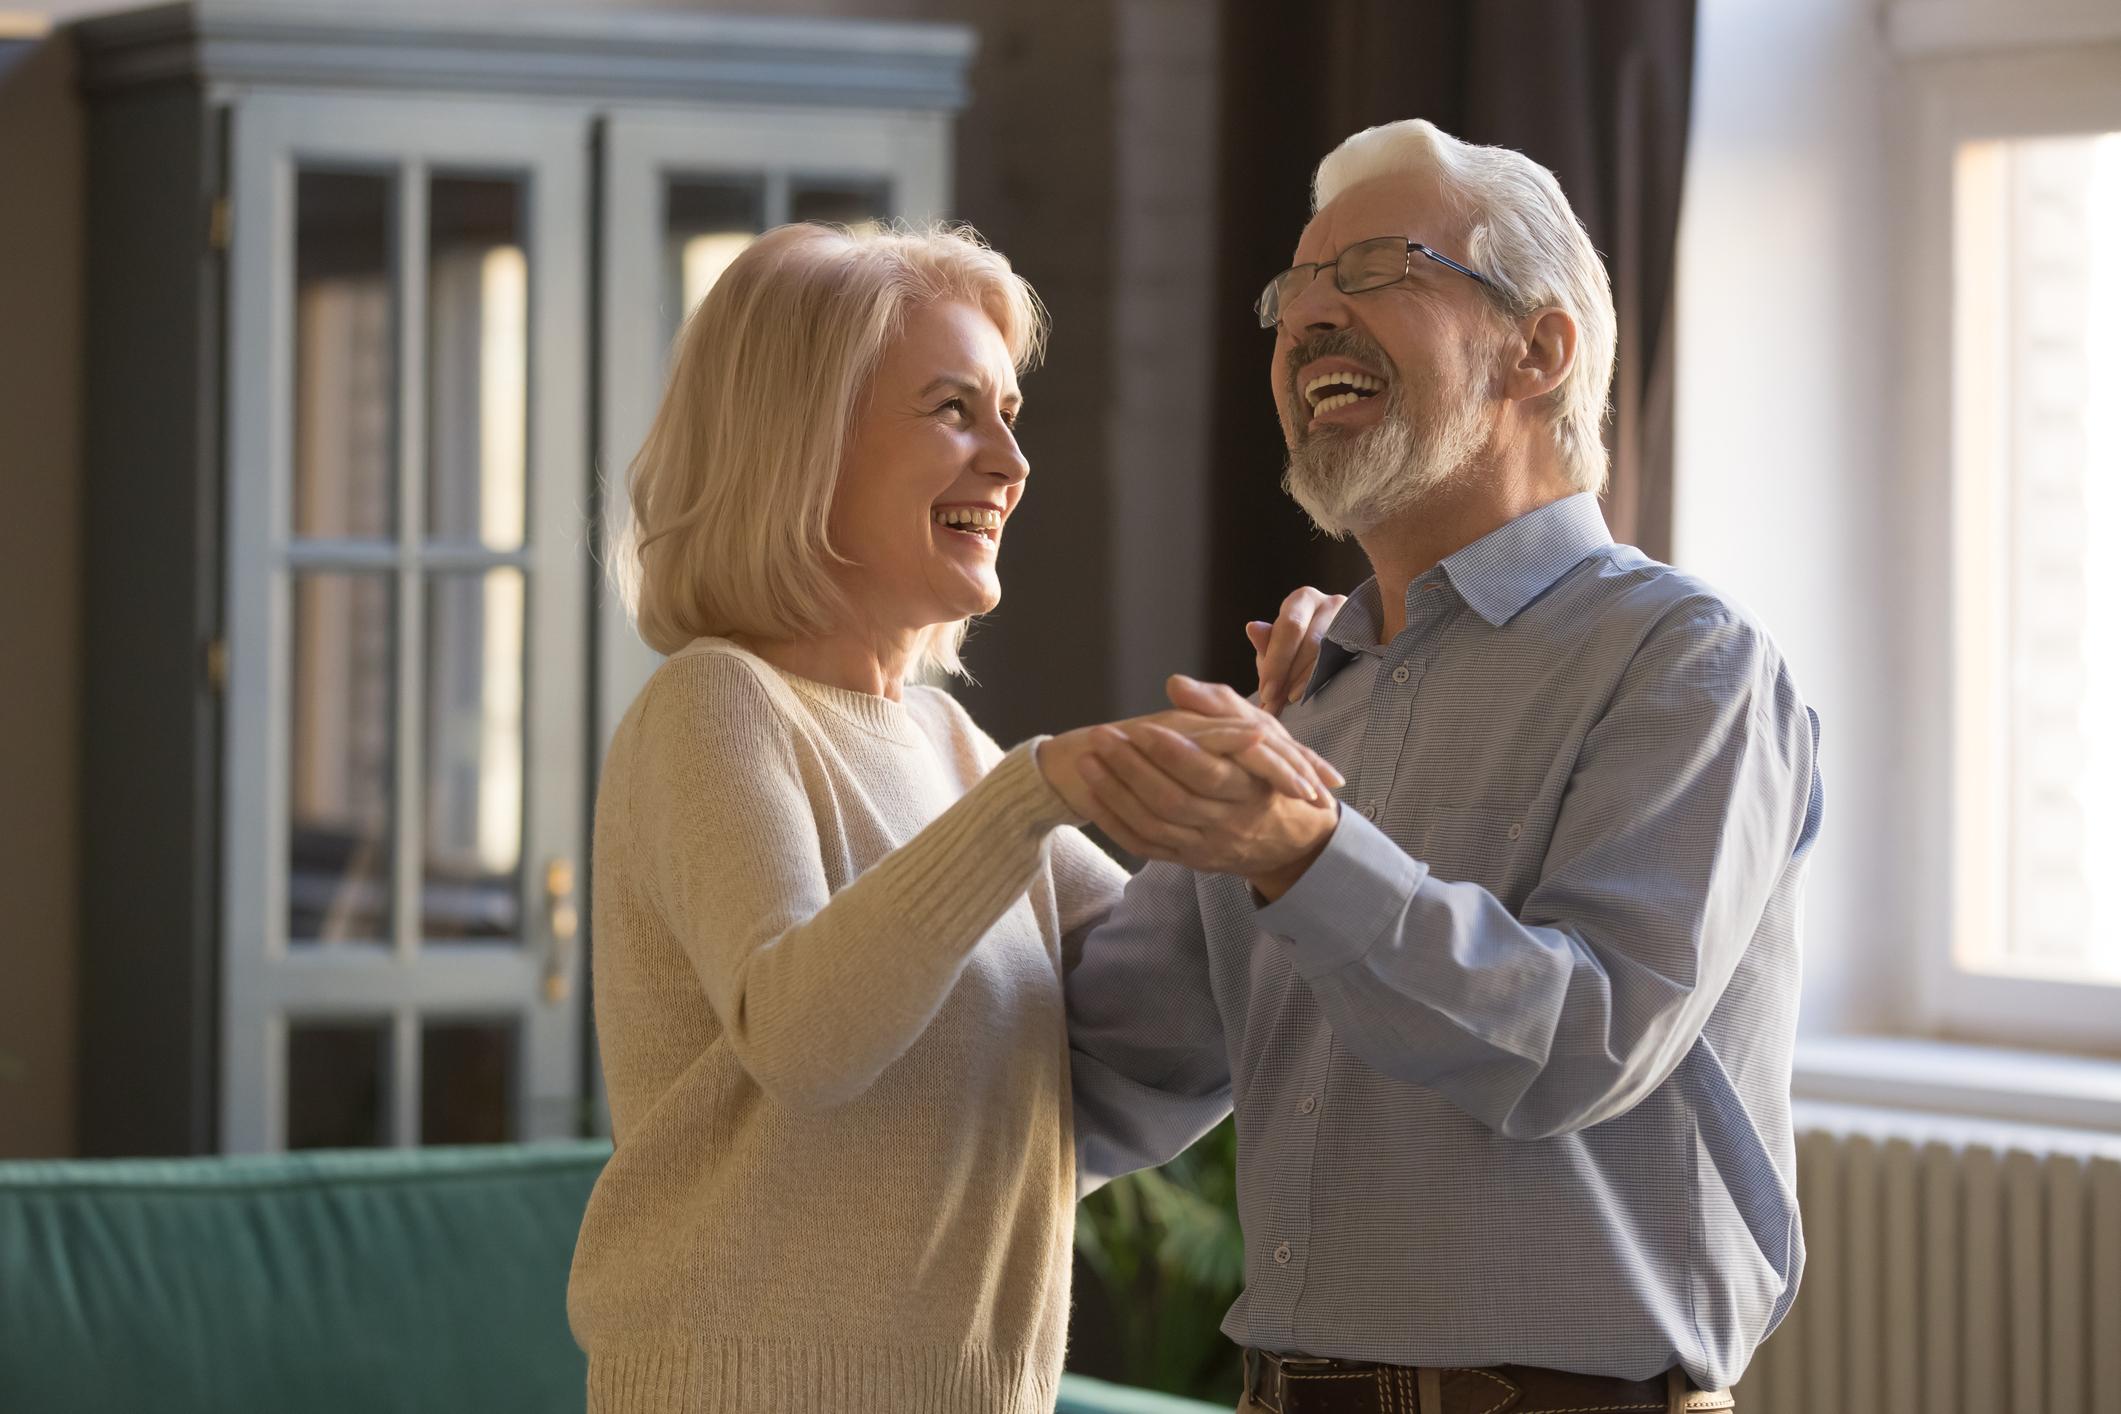 can dancing prevent Alzheimer's?